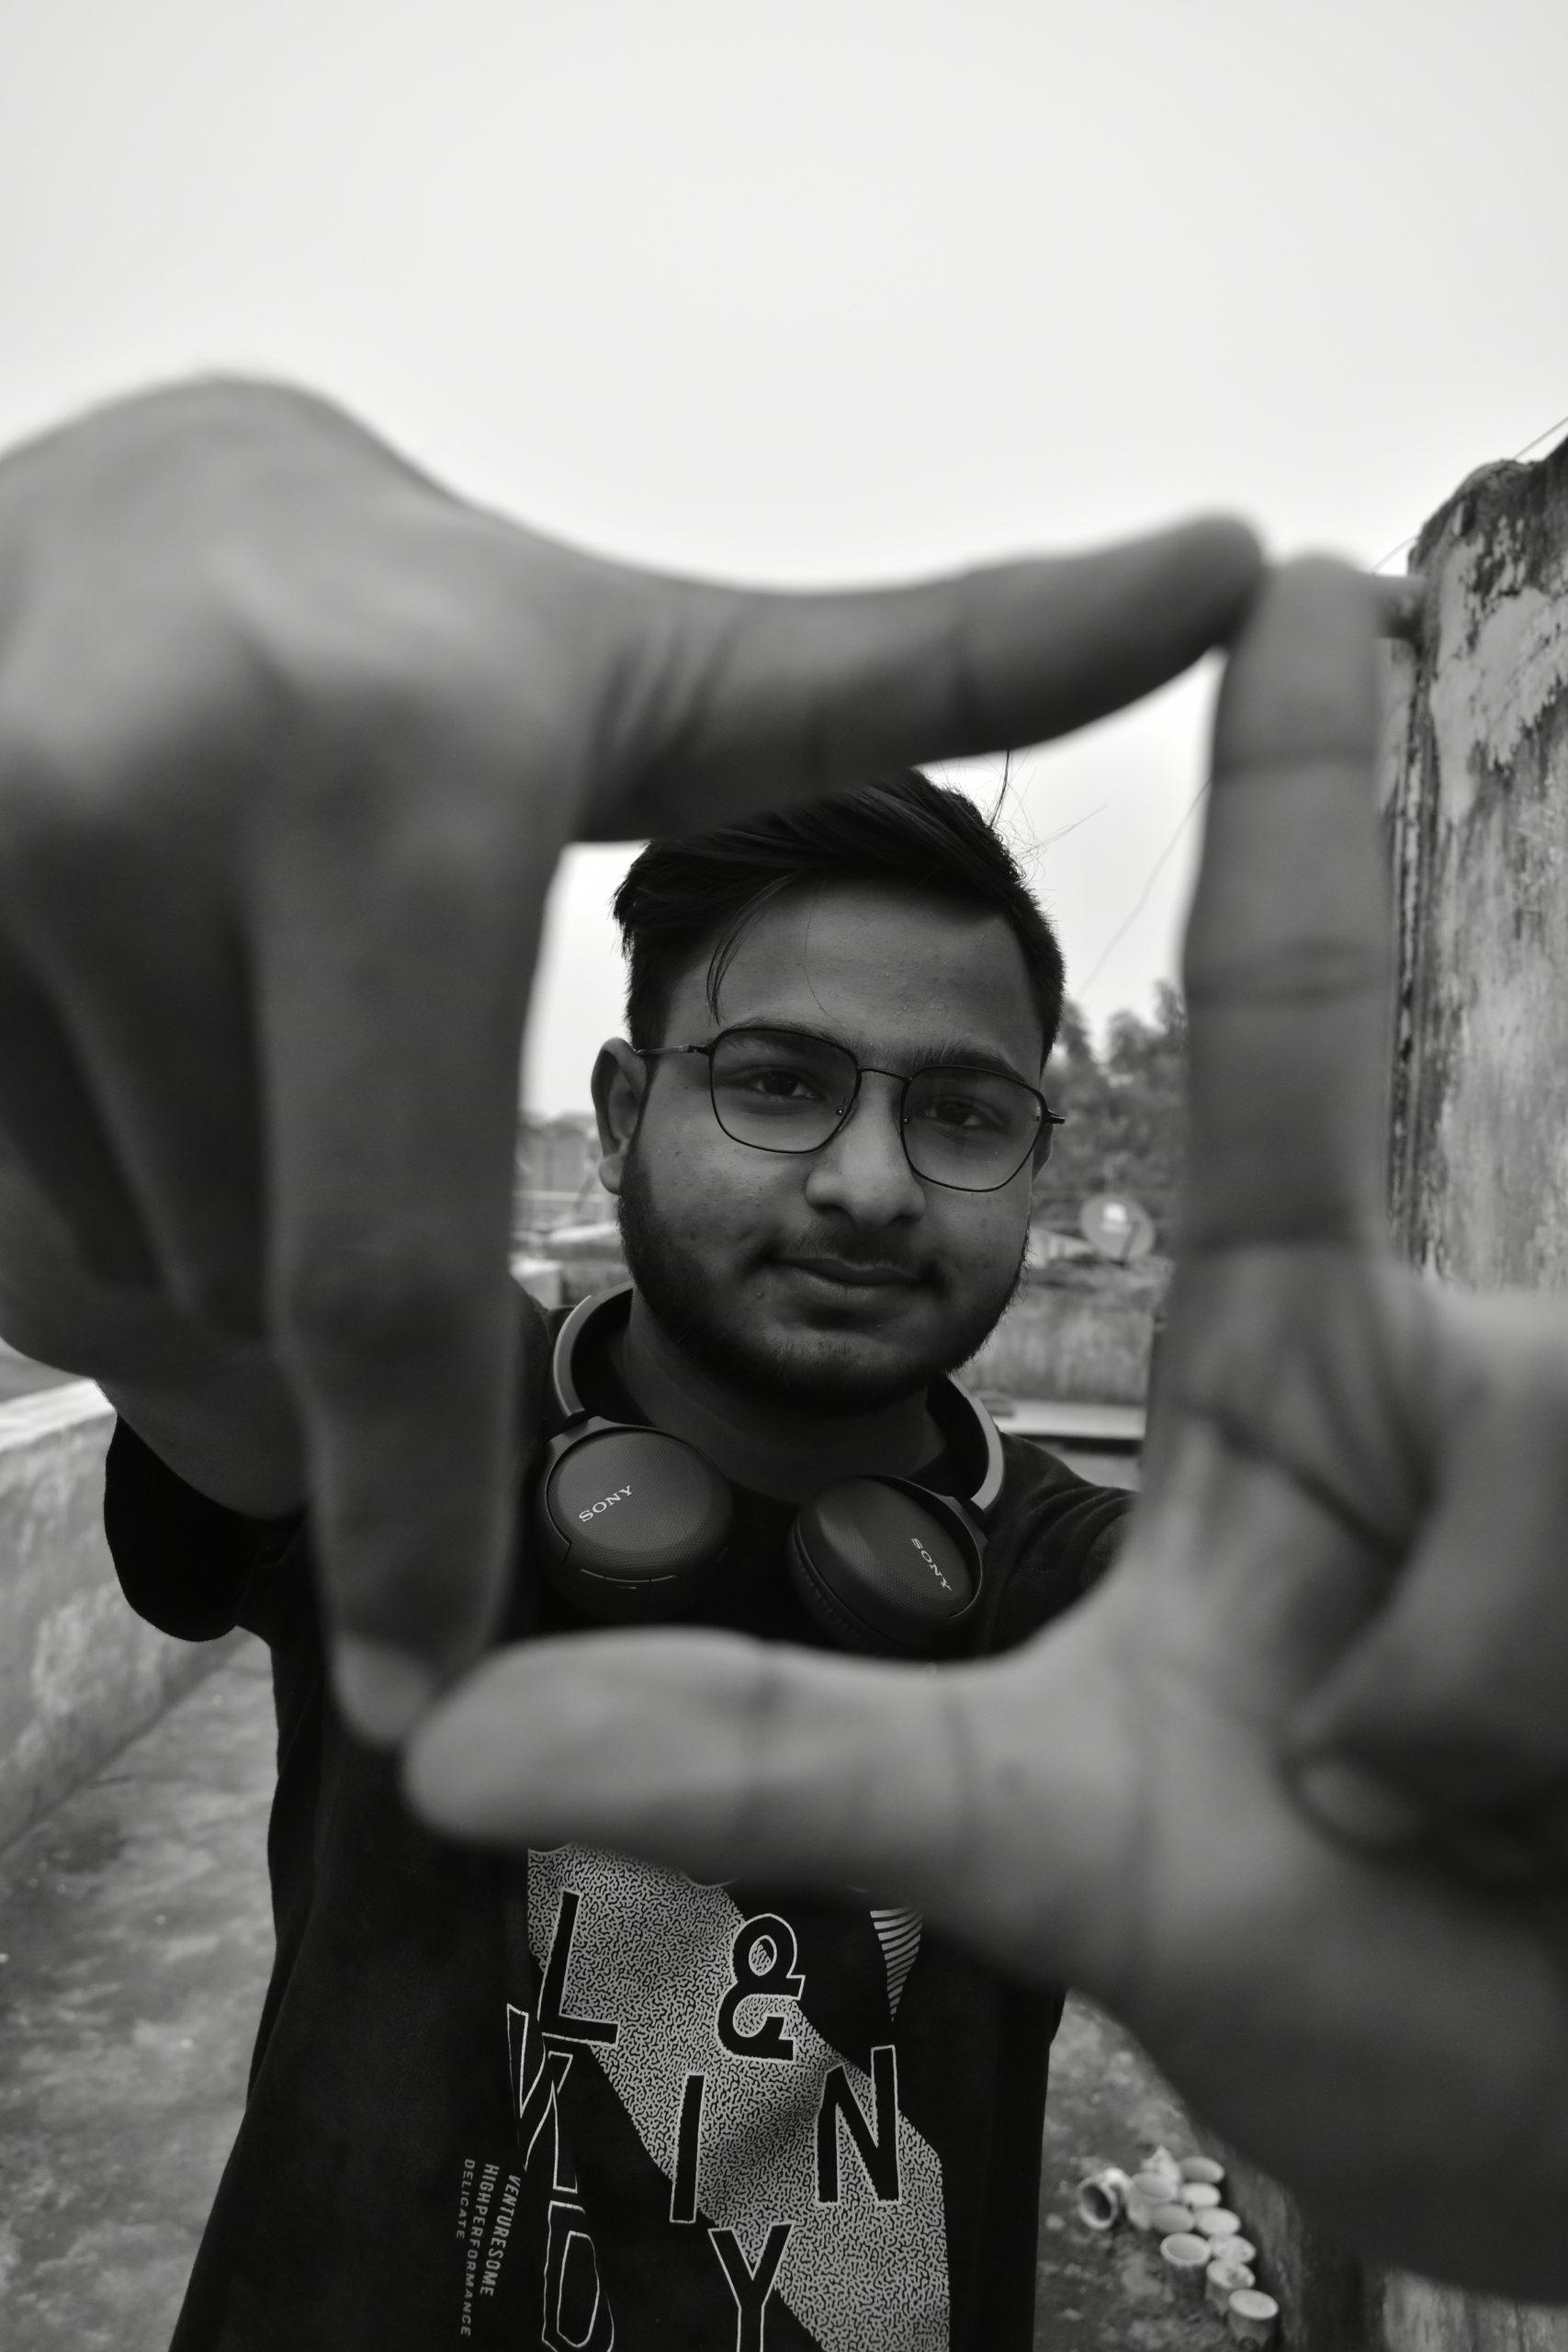 Boy making hand gesture